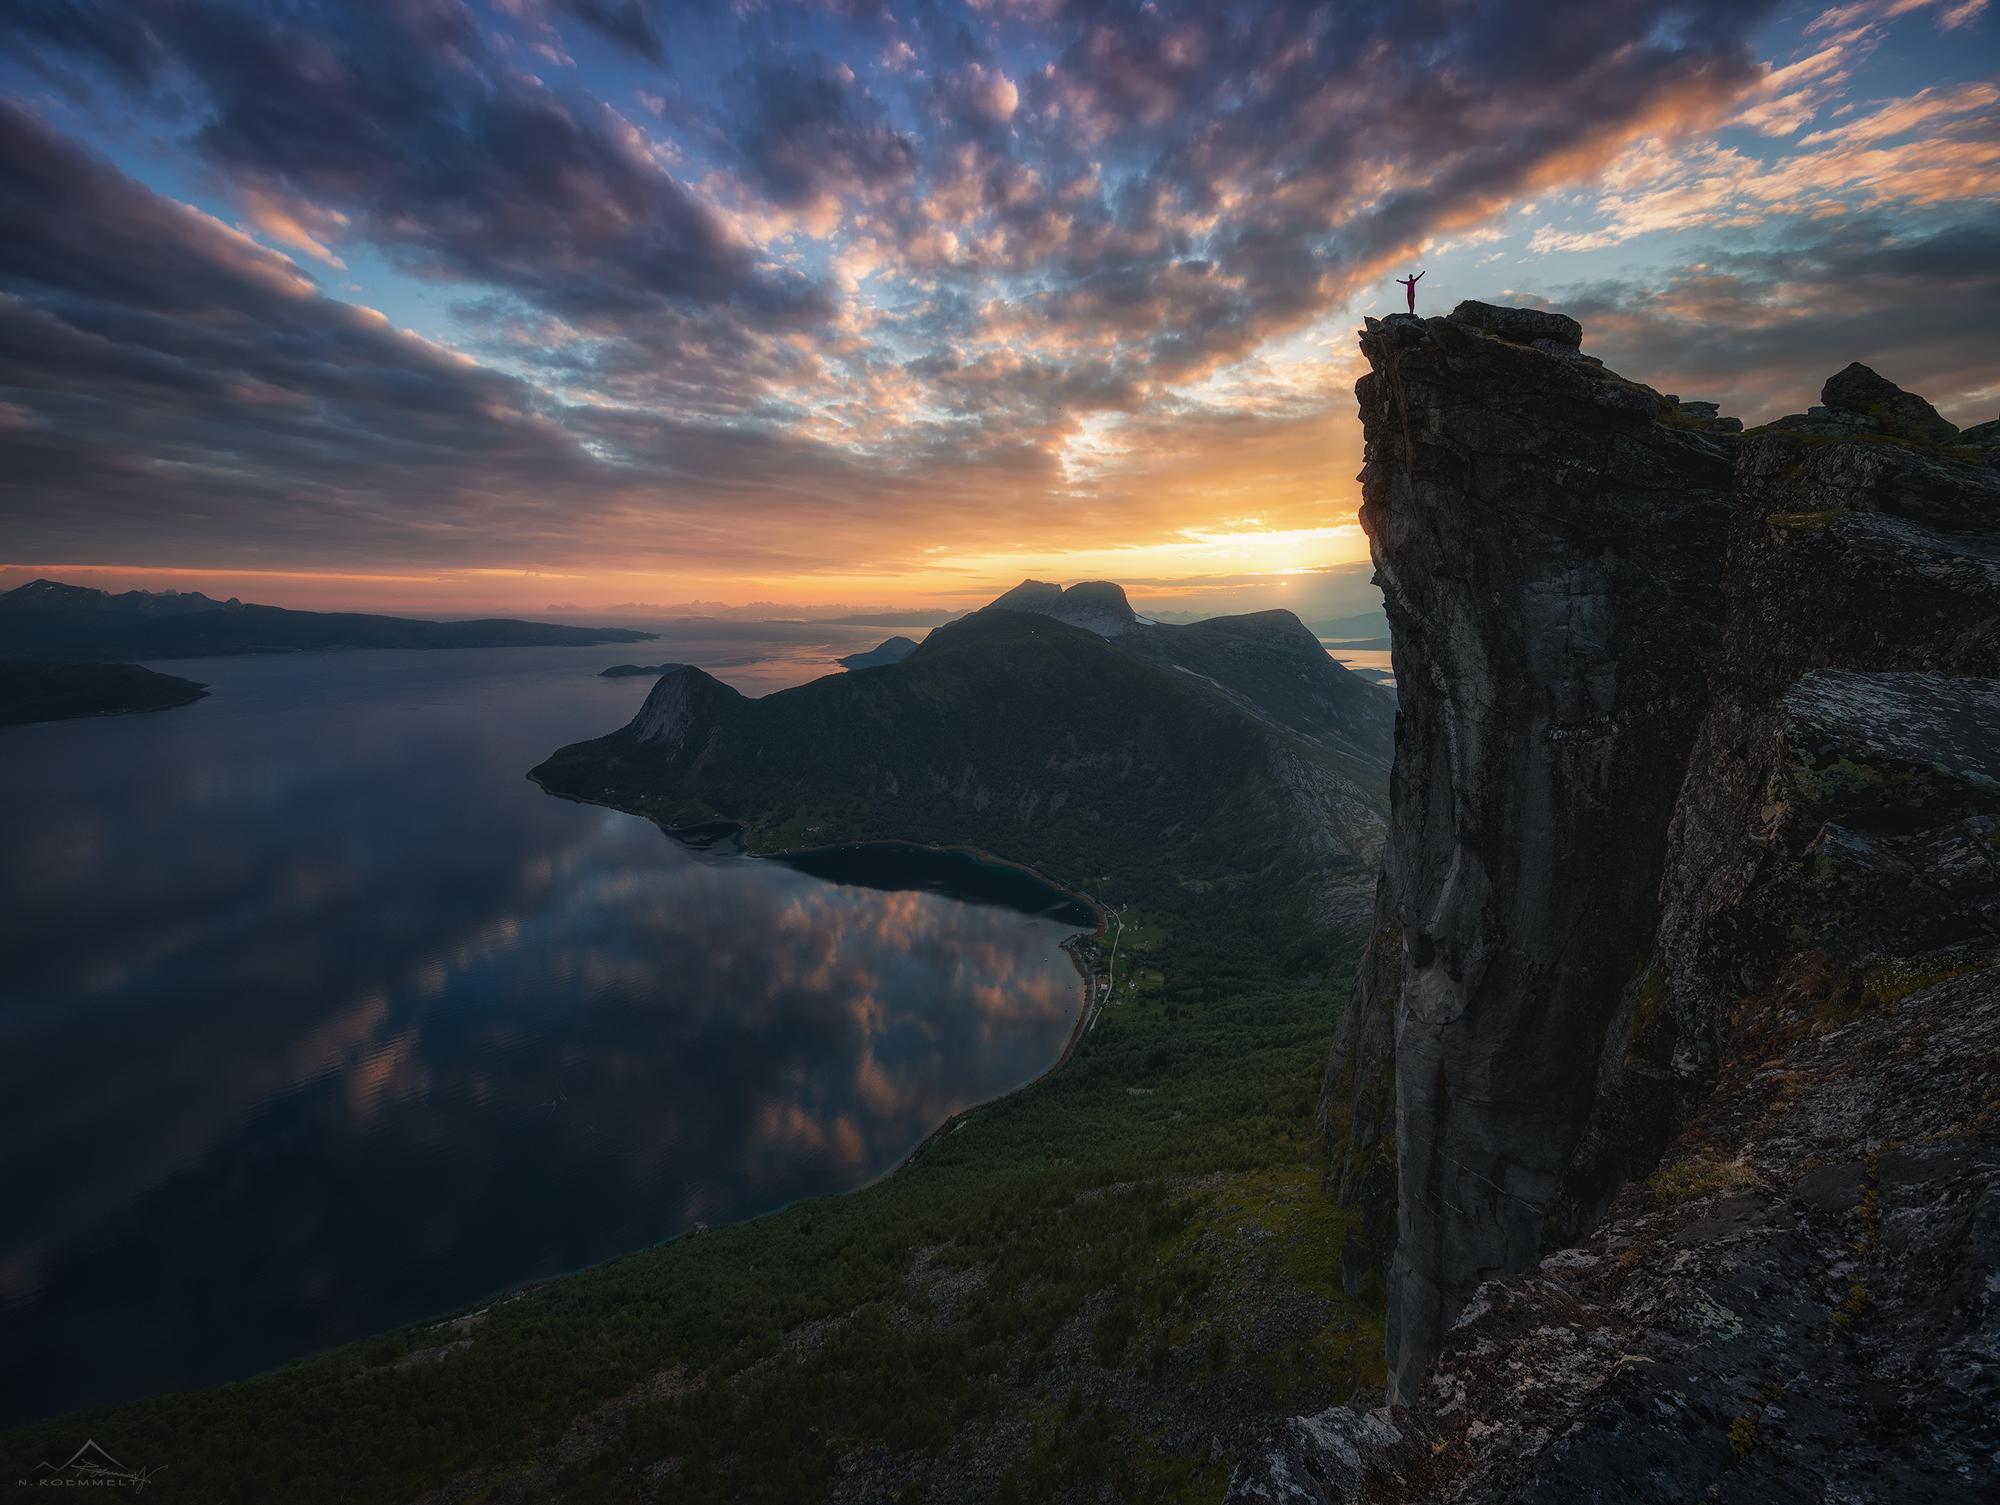 Das heutige Bild der Woche entführt uns nach Nordnorwegen zu einem der schönsten Aussichtspunkte die ich kenne! Mehr dazu findet Ihr wie immer auf meiner Facebook Fanpage.